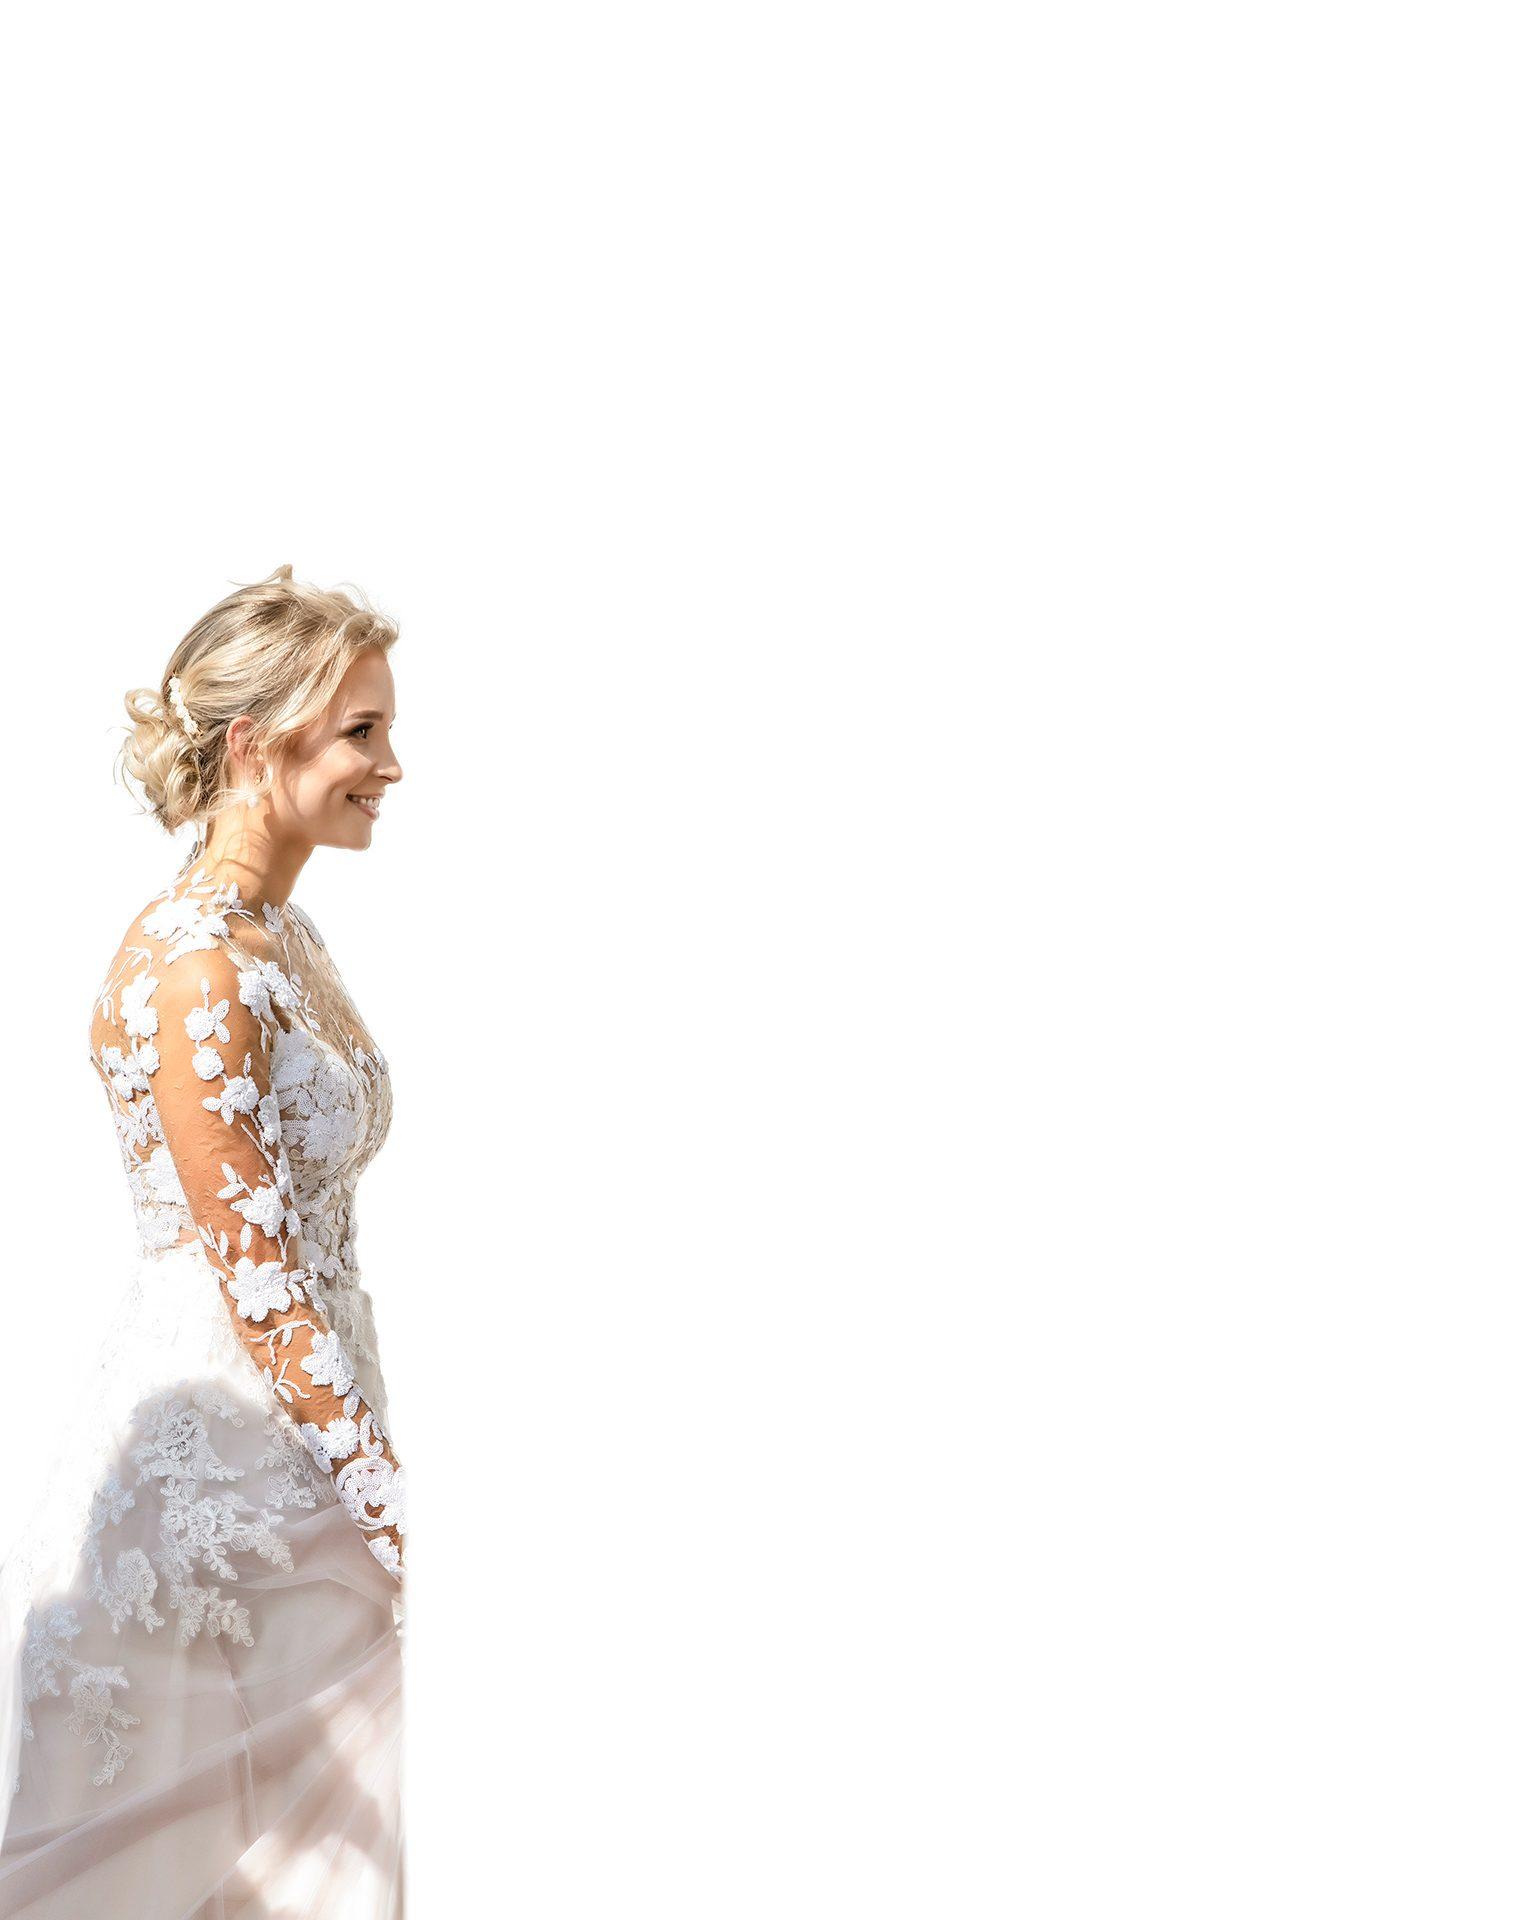 Bride, Emmi Granlund, Kainulainen, helsinki, Finland